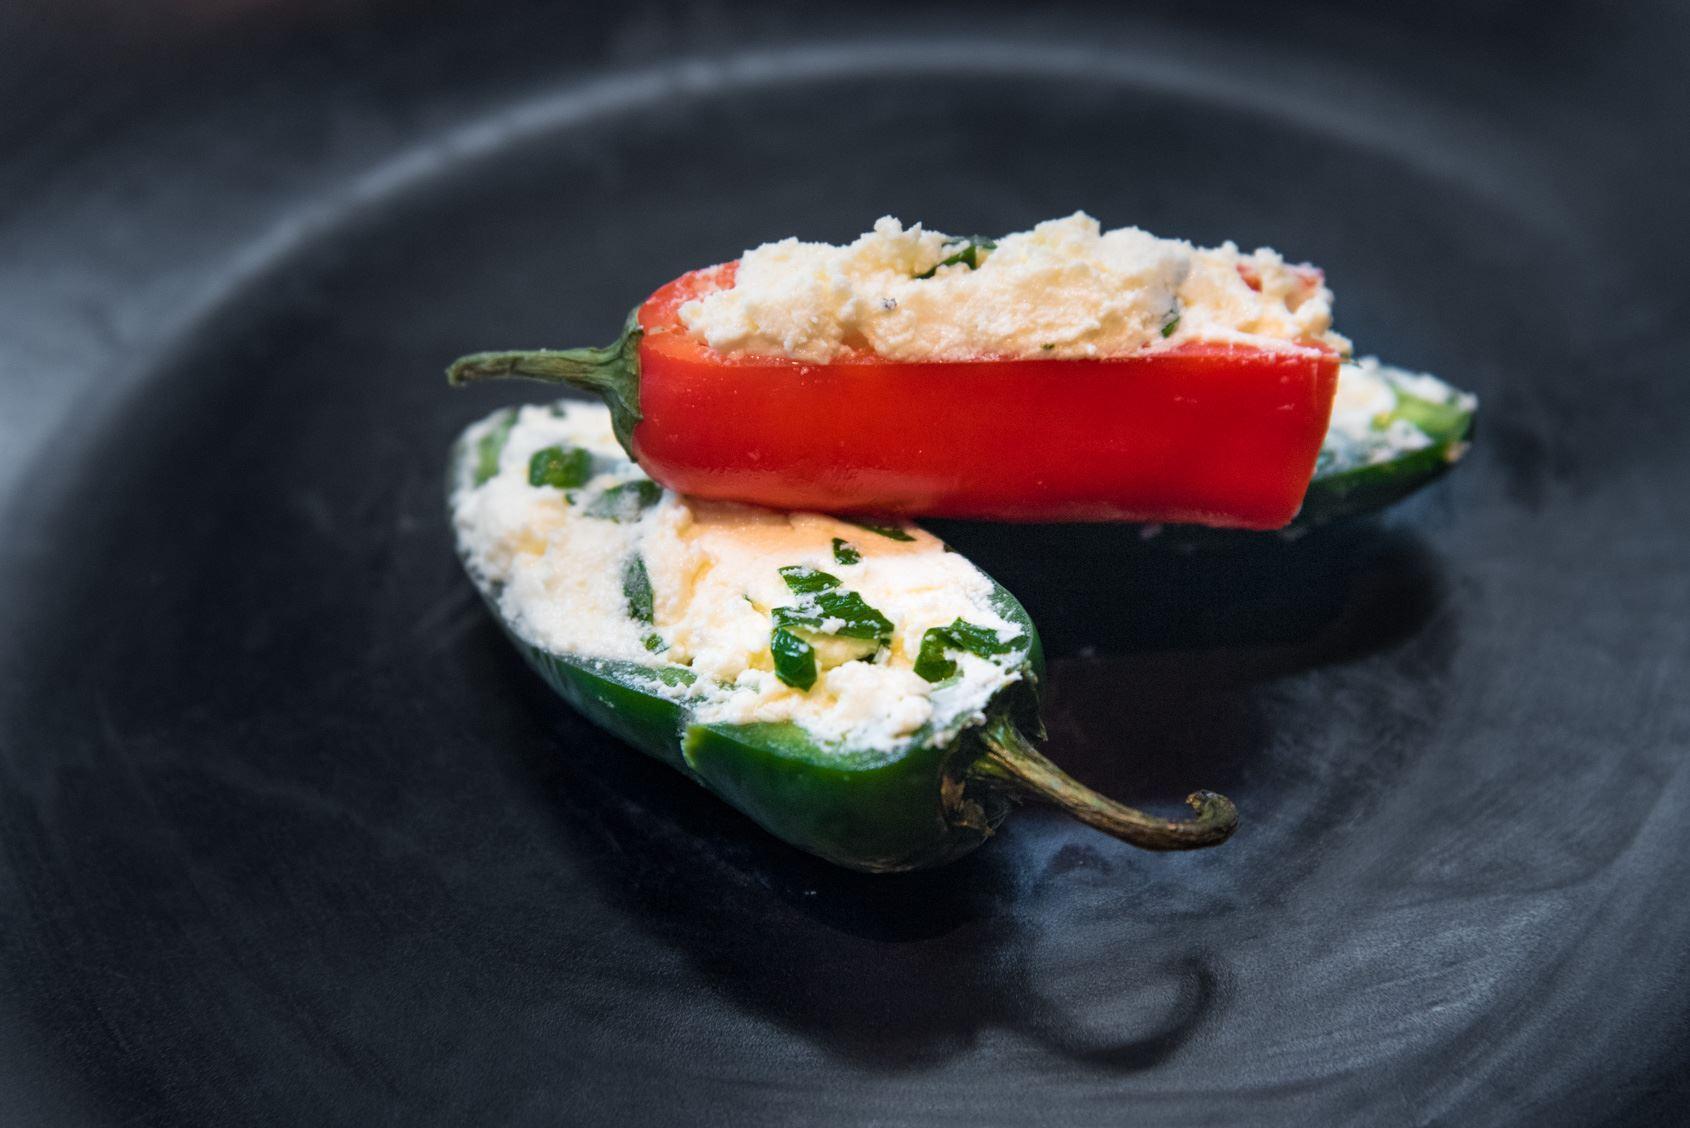 Mini Stuffed Peppers w/ Fetta & Herbs